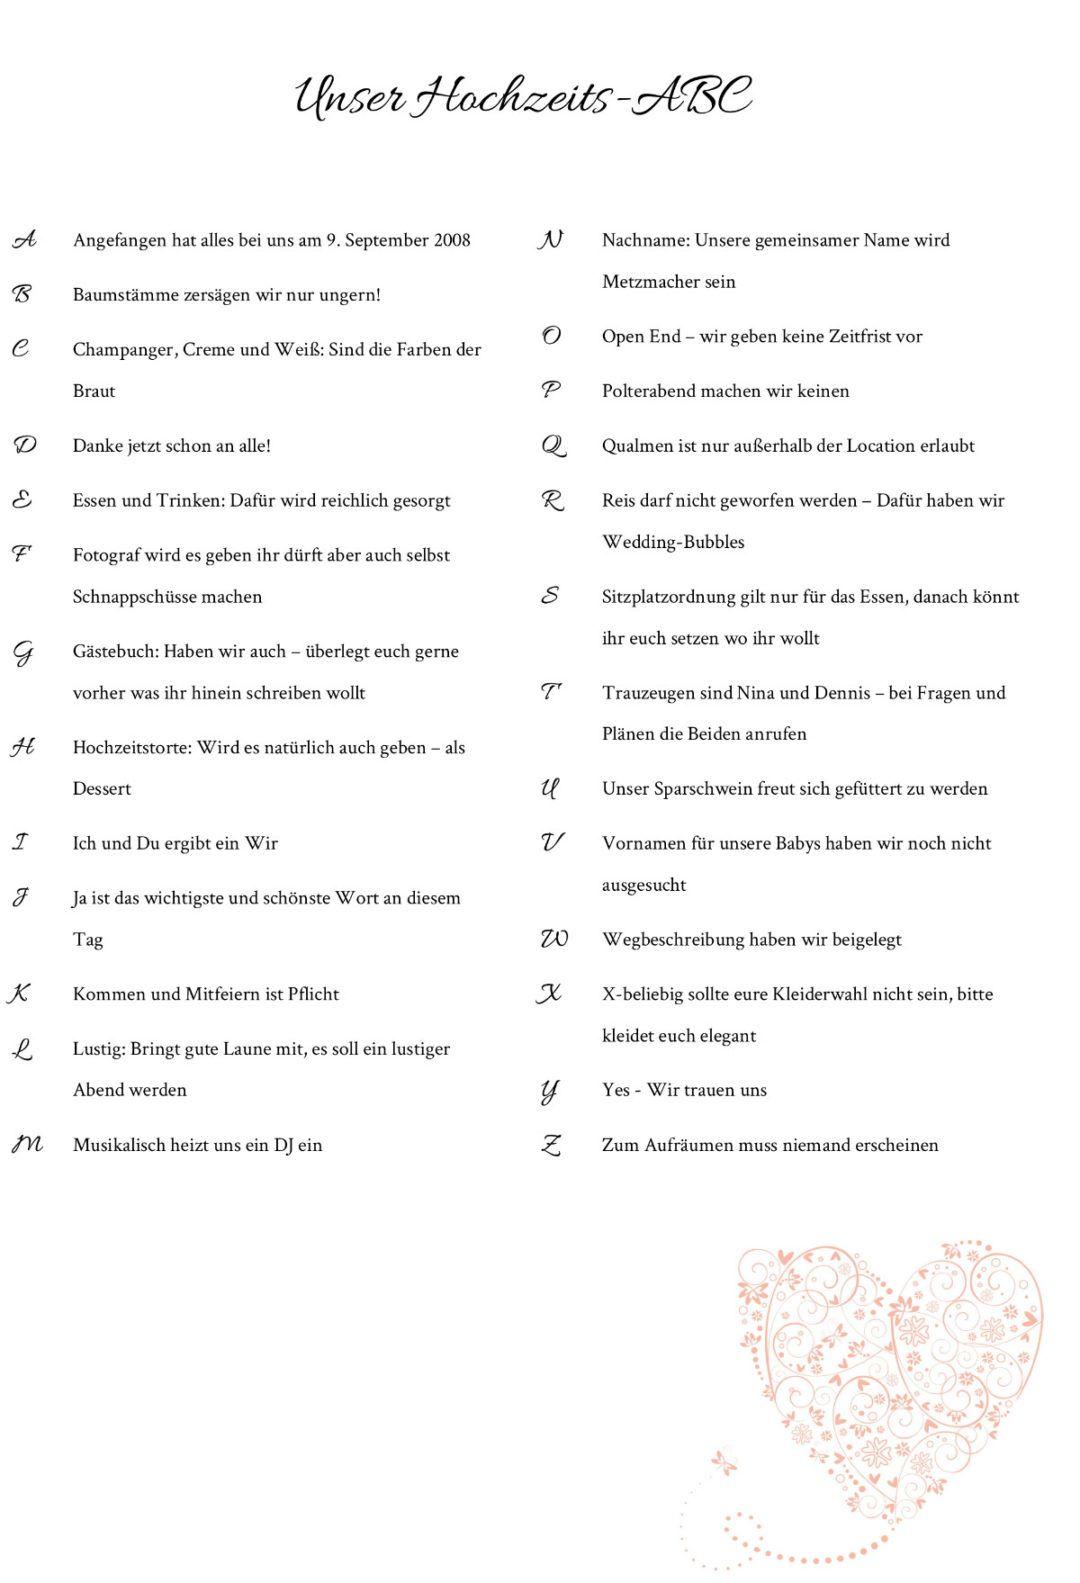 Hochzeits-ABC für die Hochzeitsgäste selber machen